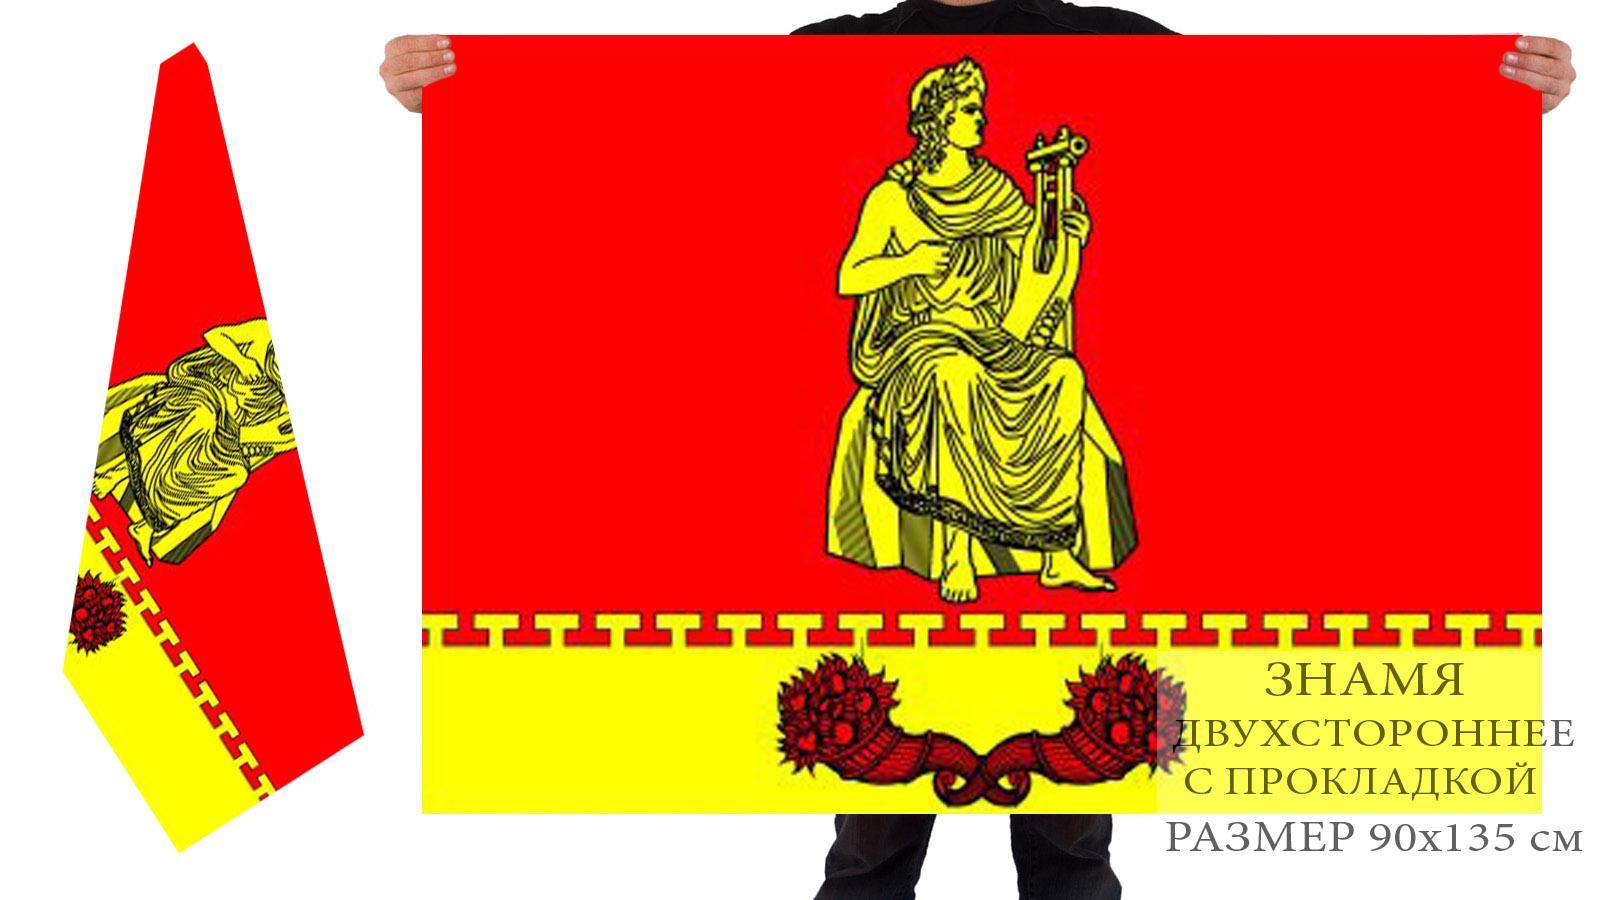 Двусторонний флаг муниципального образования муниципальный округ Сергиевское